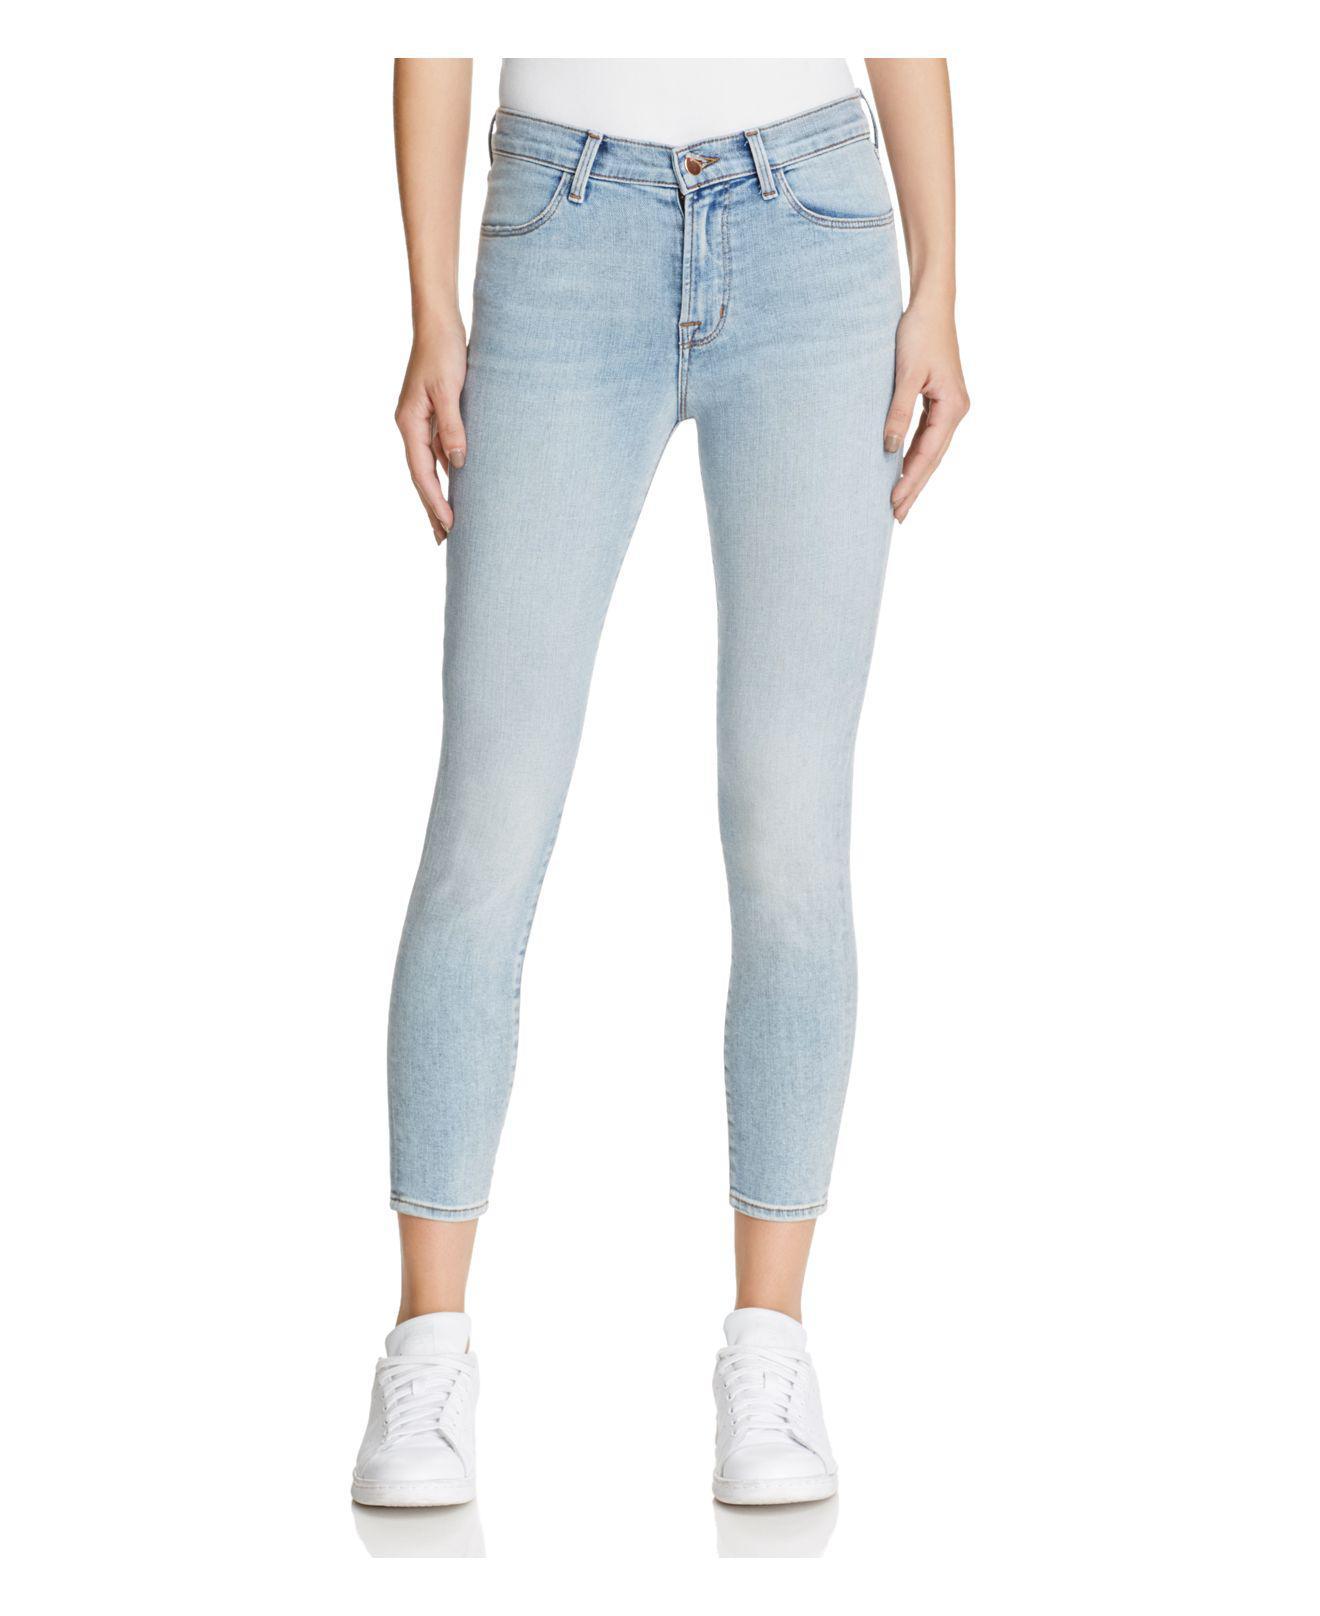 e143dcdf74e1 J Brand Alana High Rise Crop Jeans In Deserted in Blue - Lyst